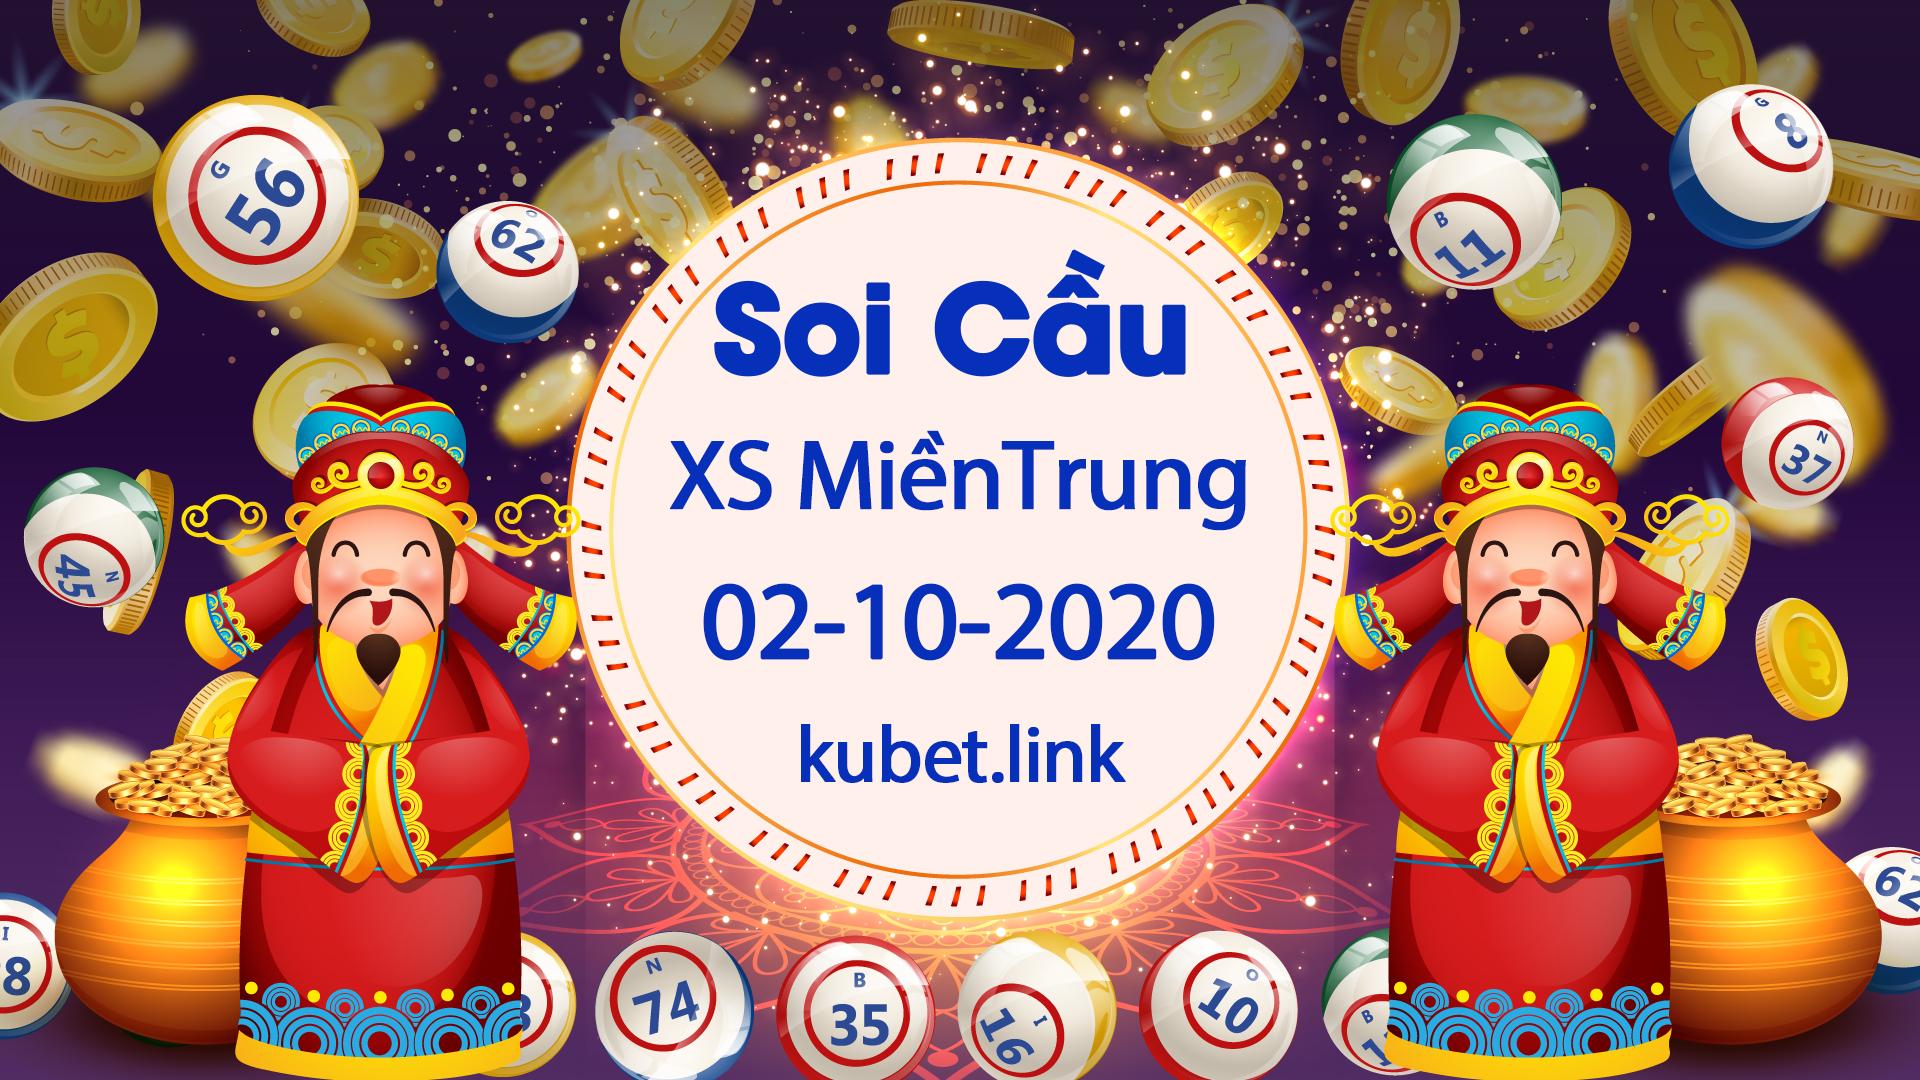 Soi cầu XSMT 02-10-2020